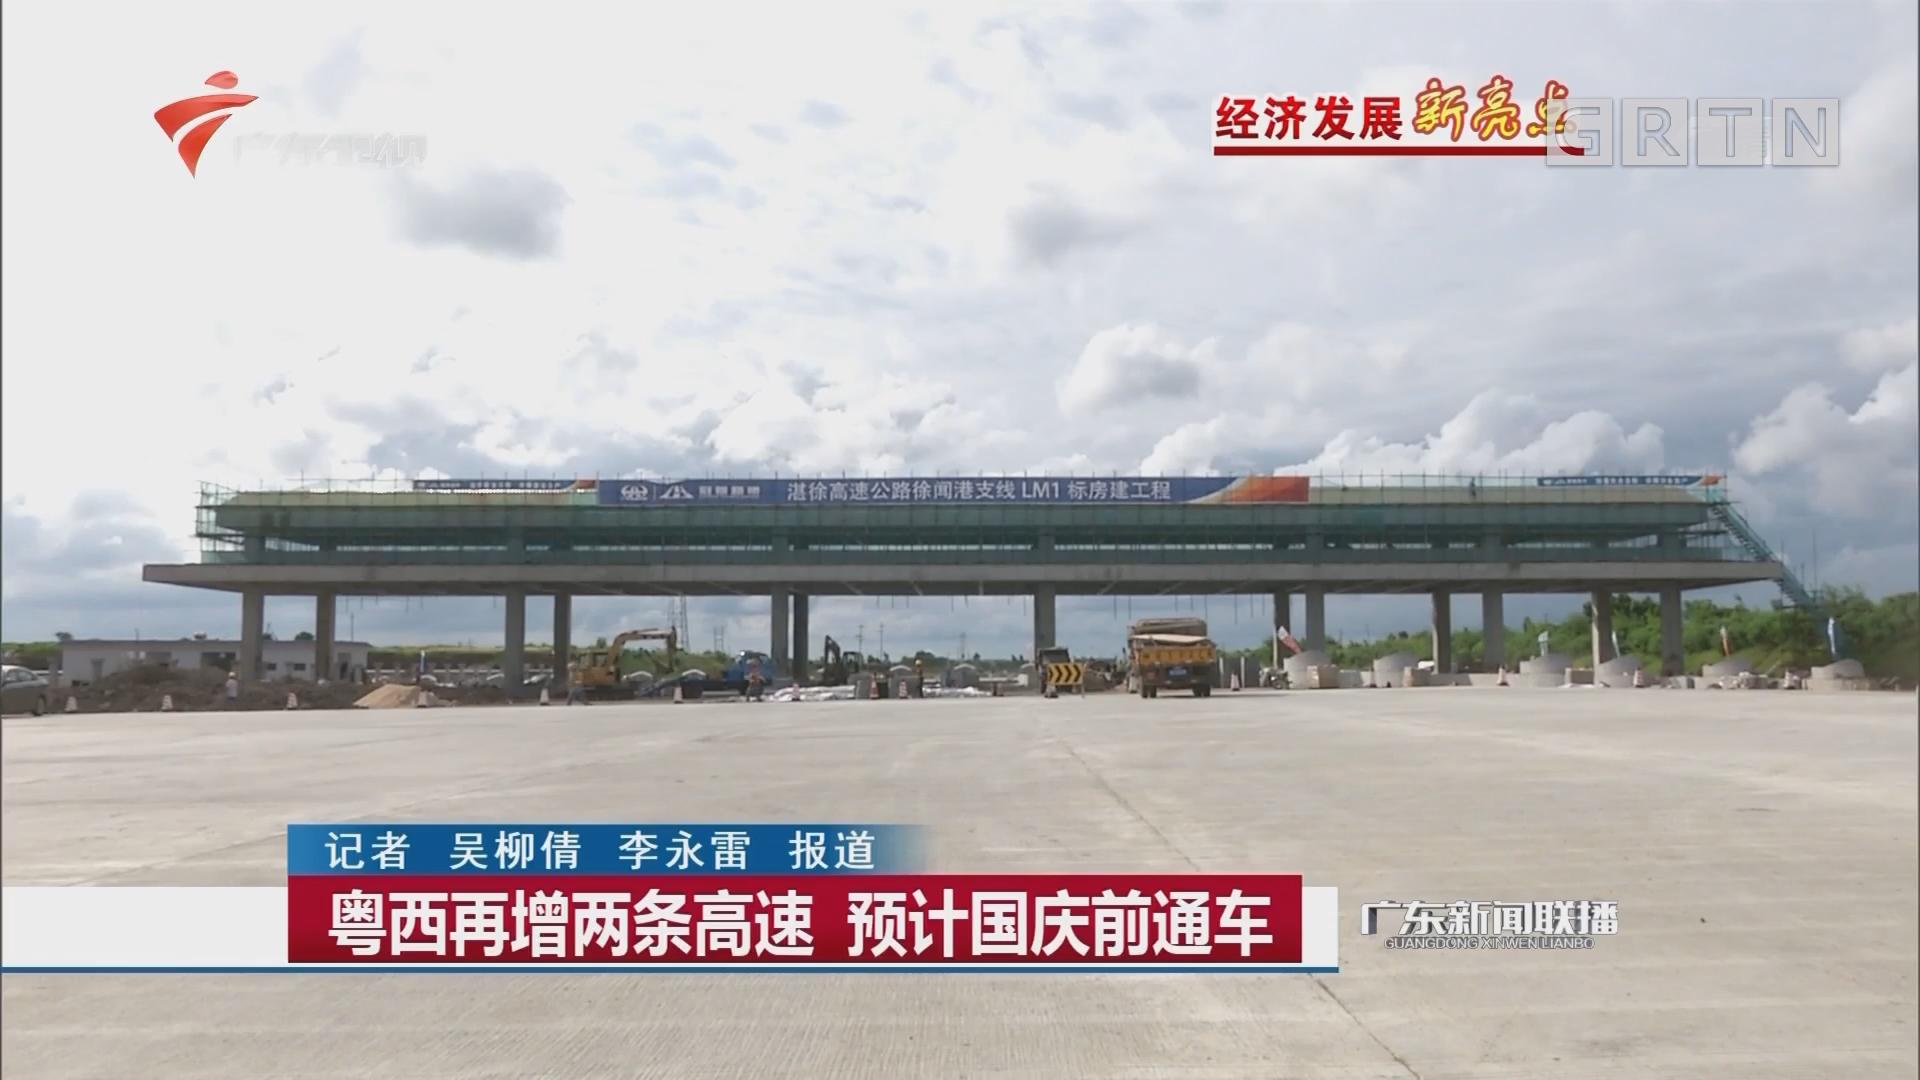 粤西再增两条高速 预计国庆前通车